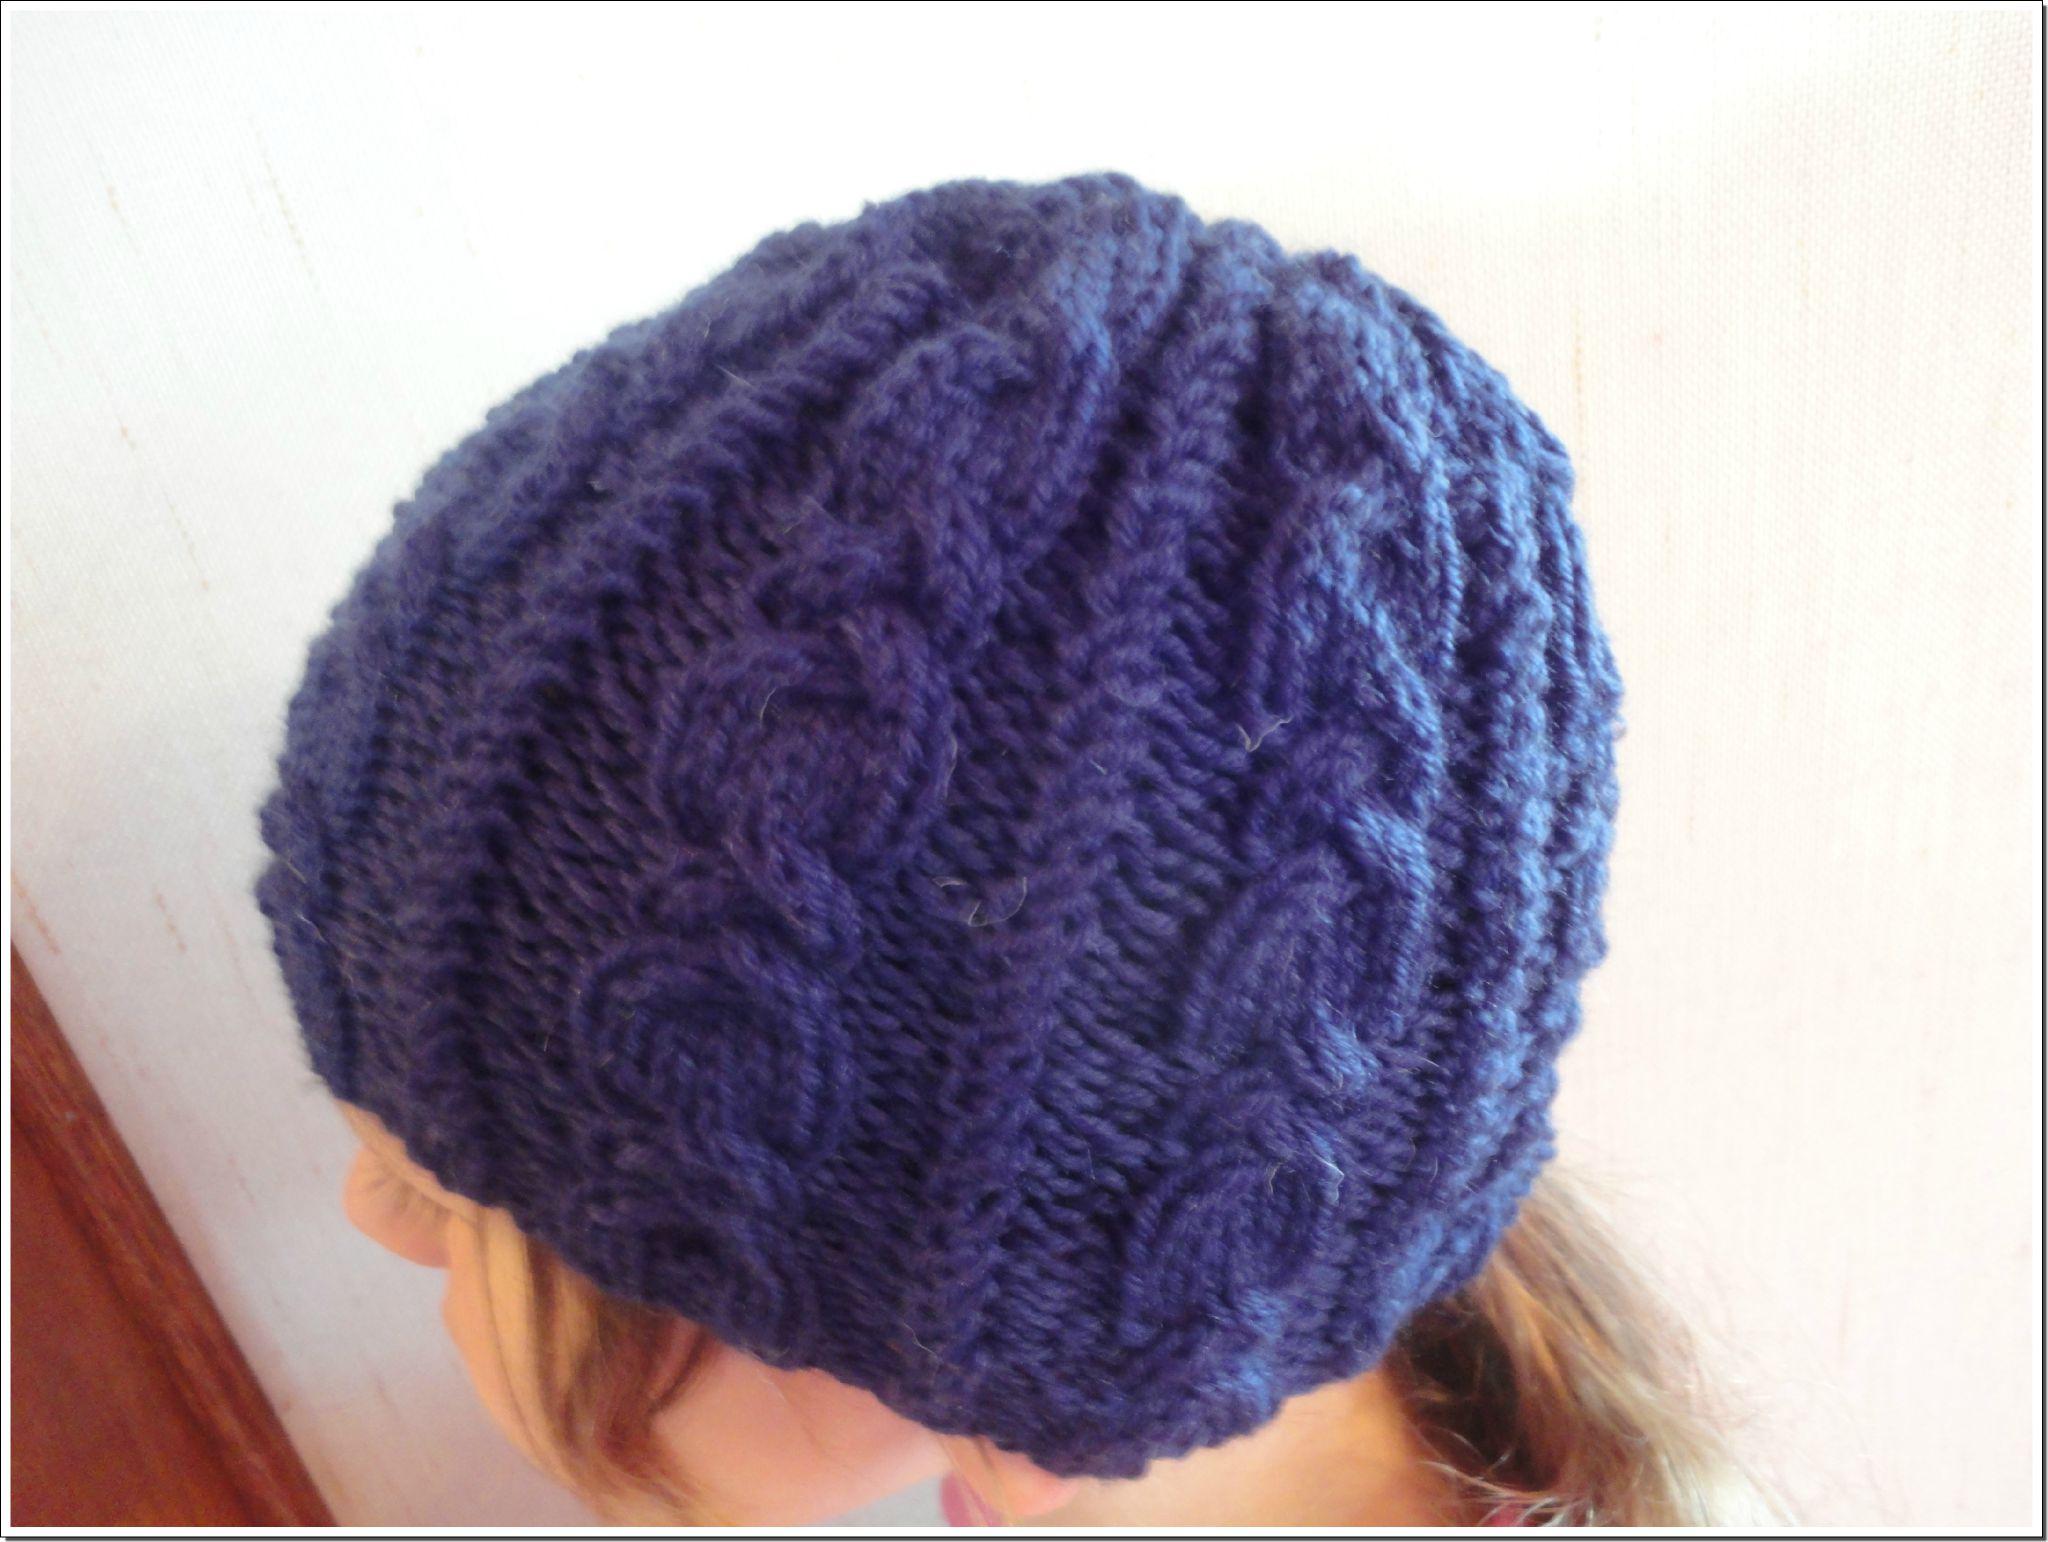 Tricoter un bonnet aiguille 4 5 - Aiguille a tricoter geante ...